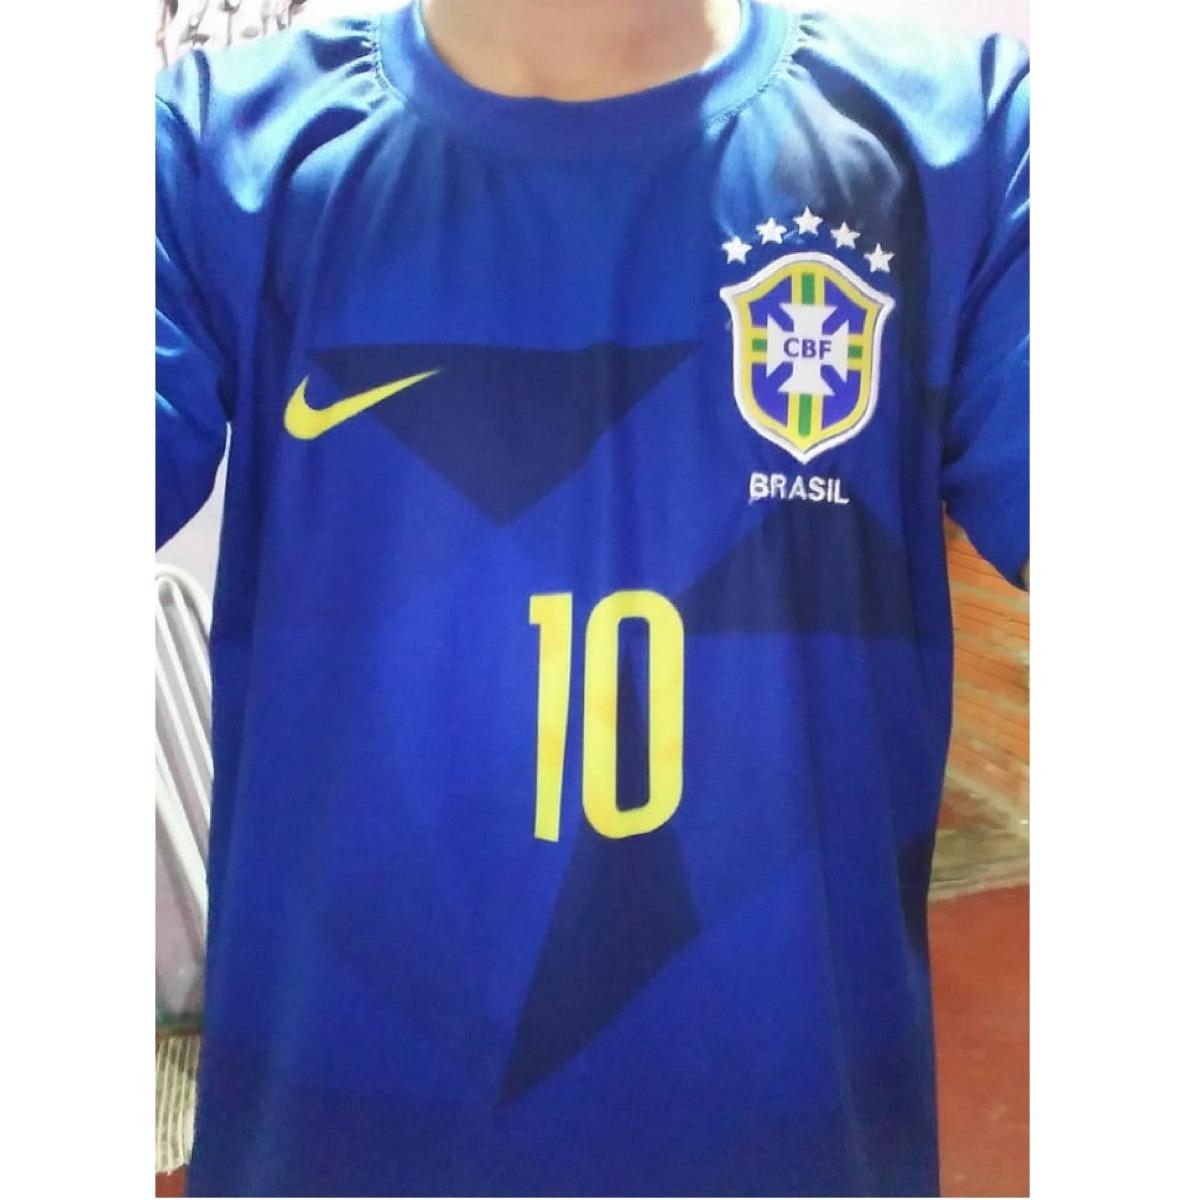 85bebe61be96d camisa brasil seleção brasileira treino copa 2018 neymar. Carregando zoom.